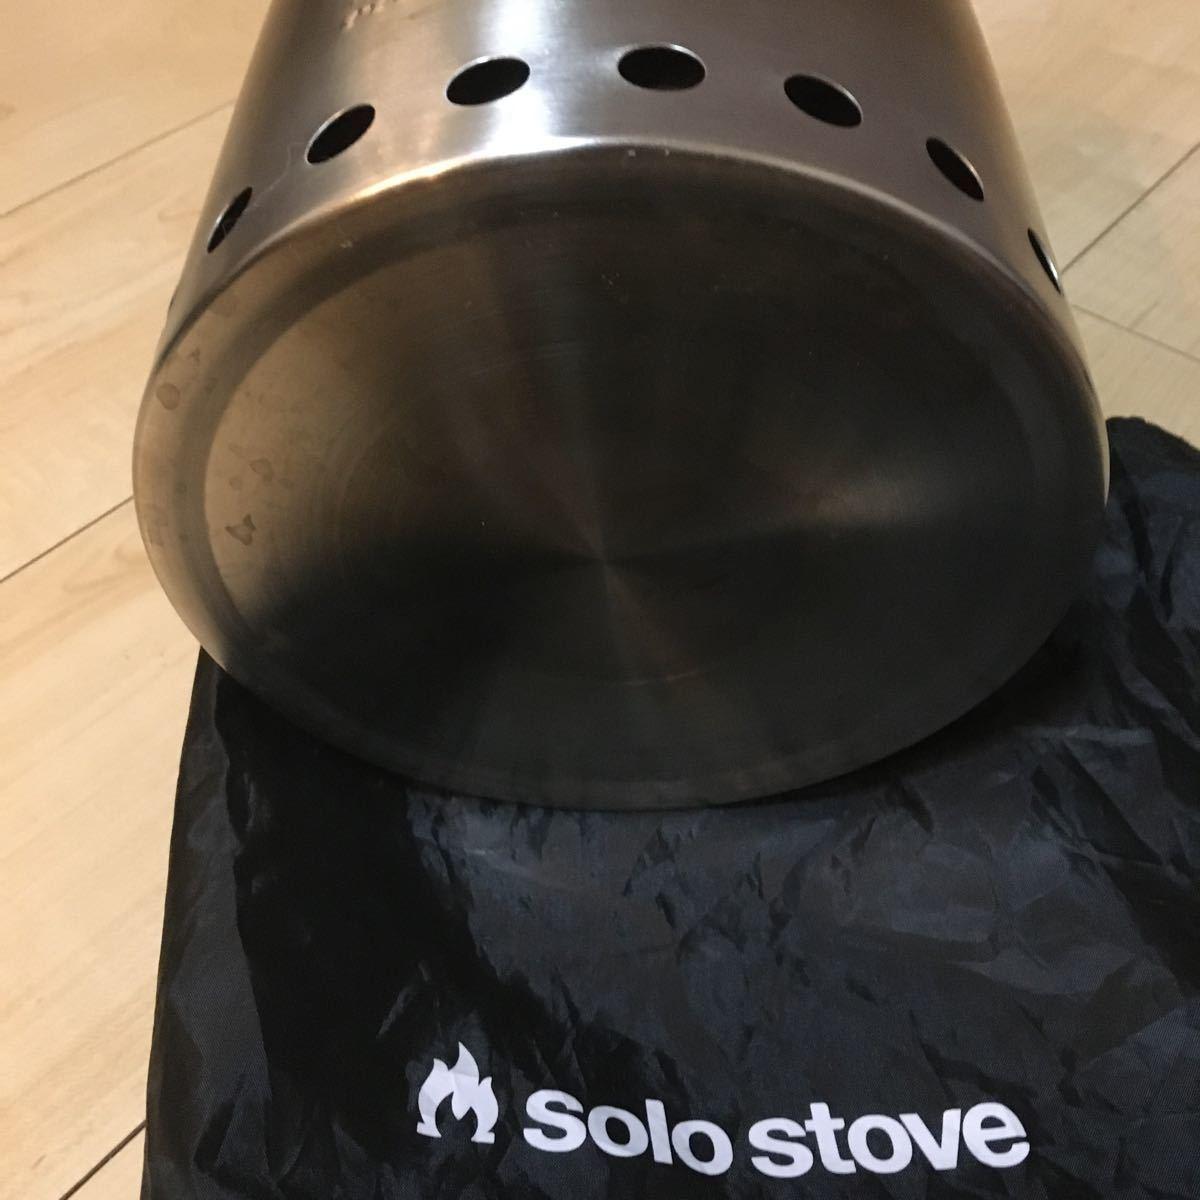 Solo STOVE ソロストーブ キャンプファイヤー Campfire 焚火台